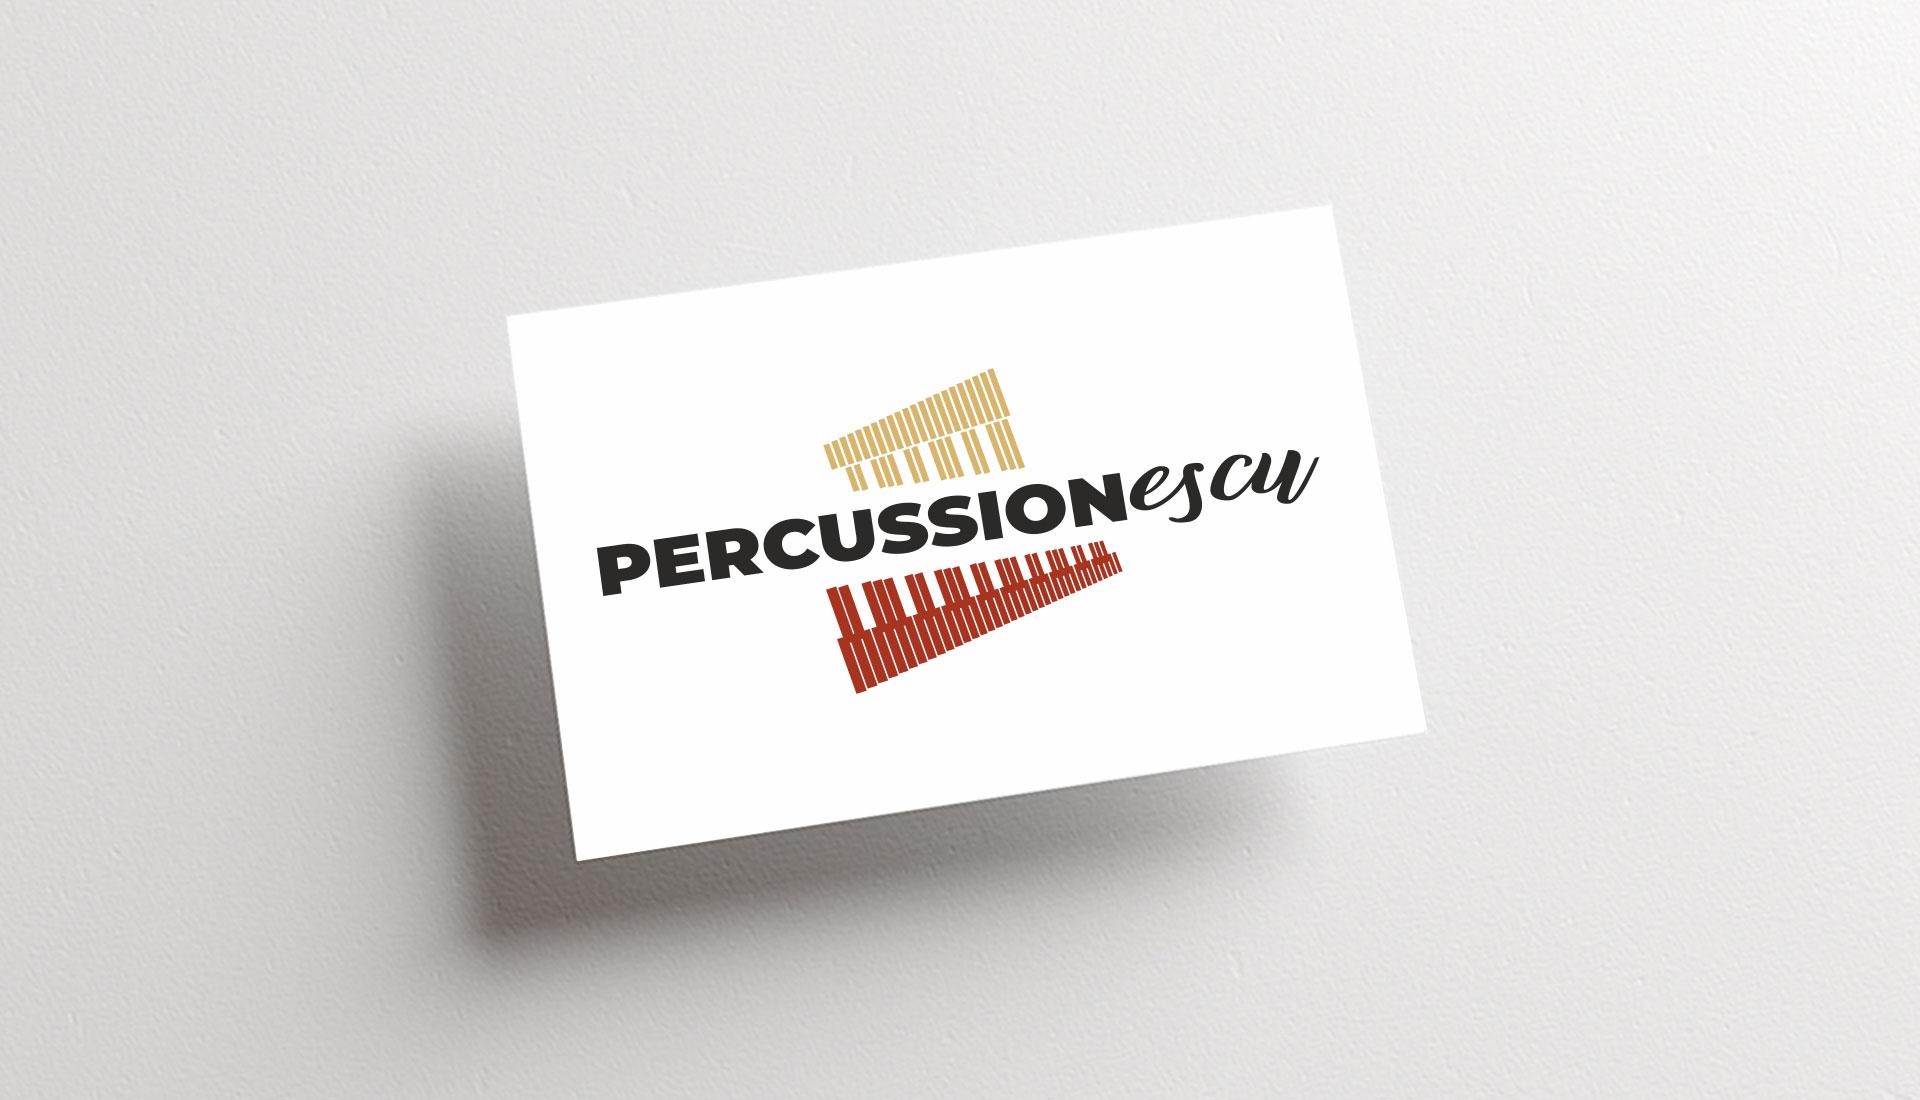 Irina și Răzvan sunt PercussionEscu